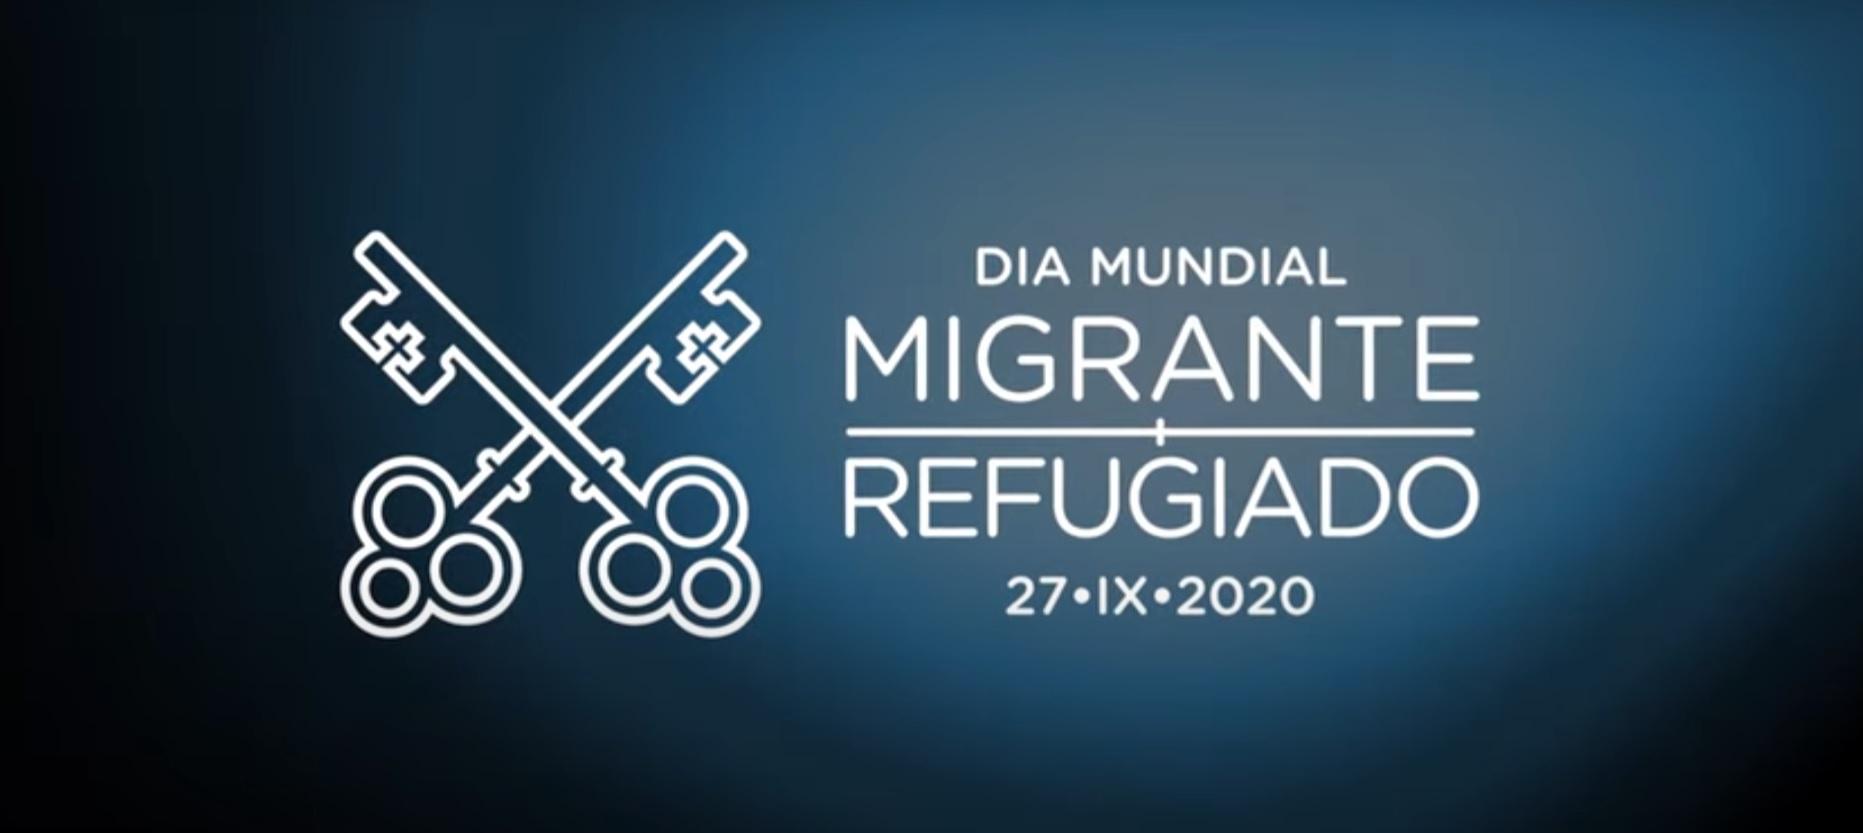 Dia Mundial do Migrante e do Refugiado 2020 no mundo